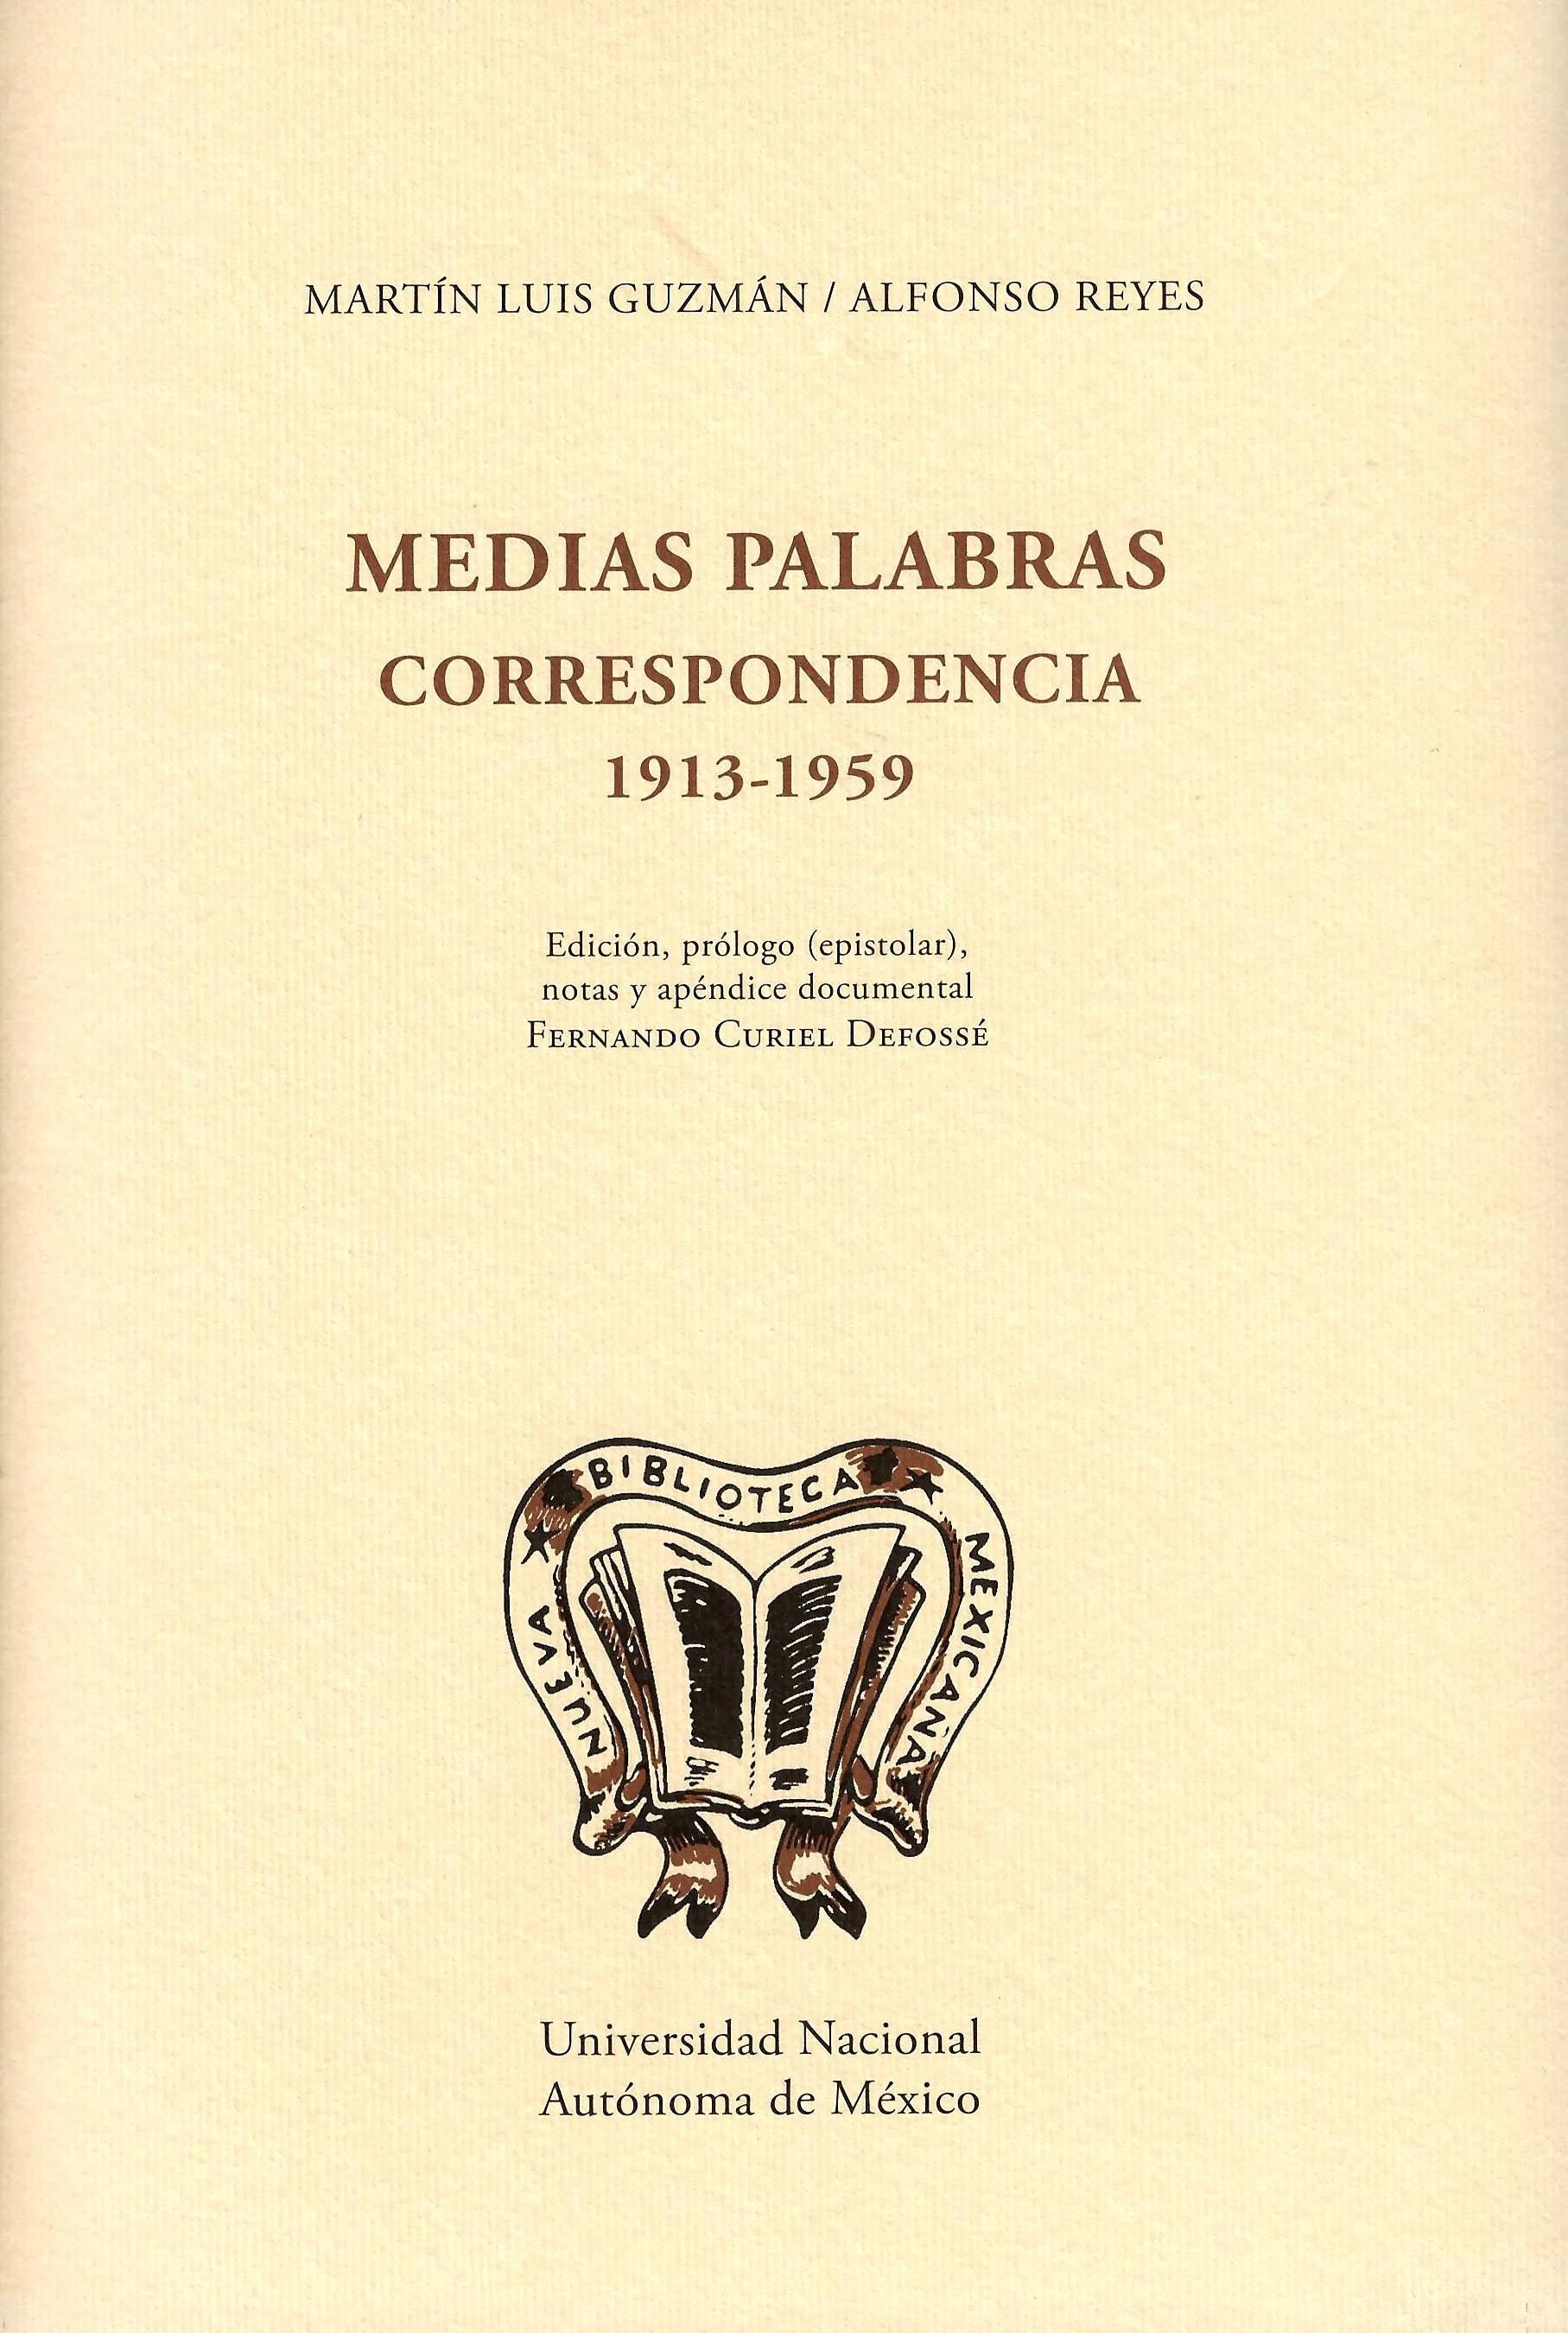 Medias palabras: correspondencia 1913-1959 (pasta dura)